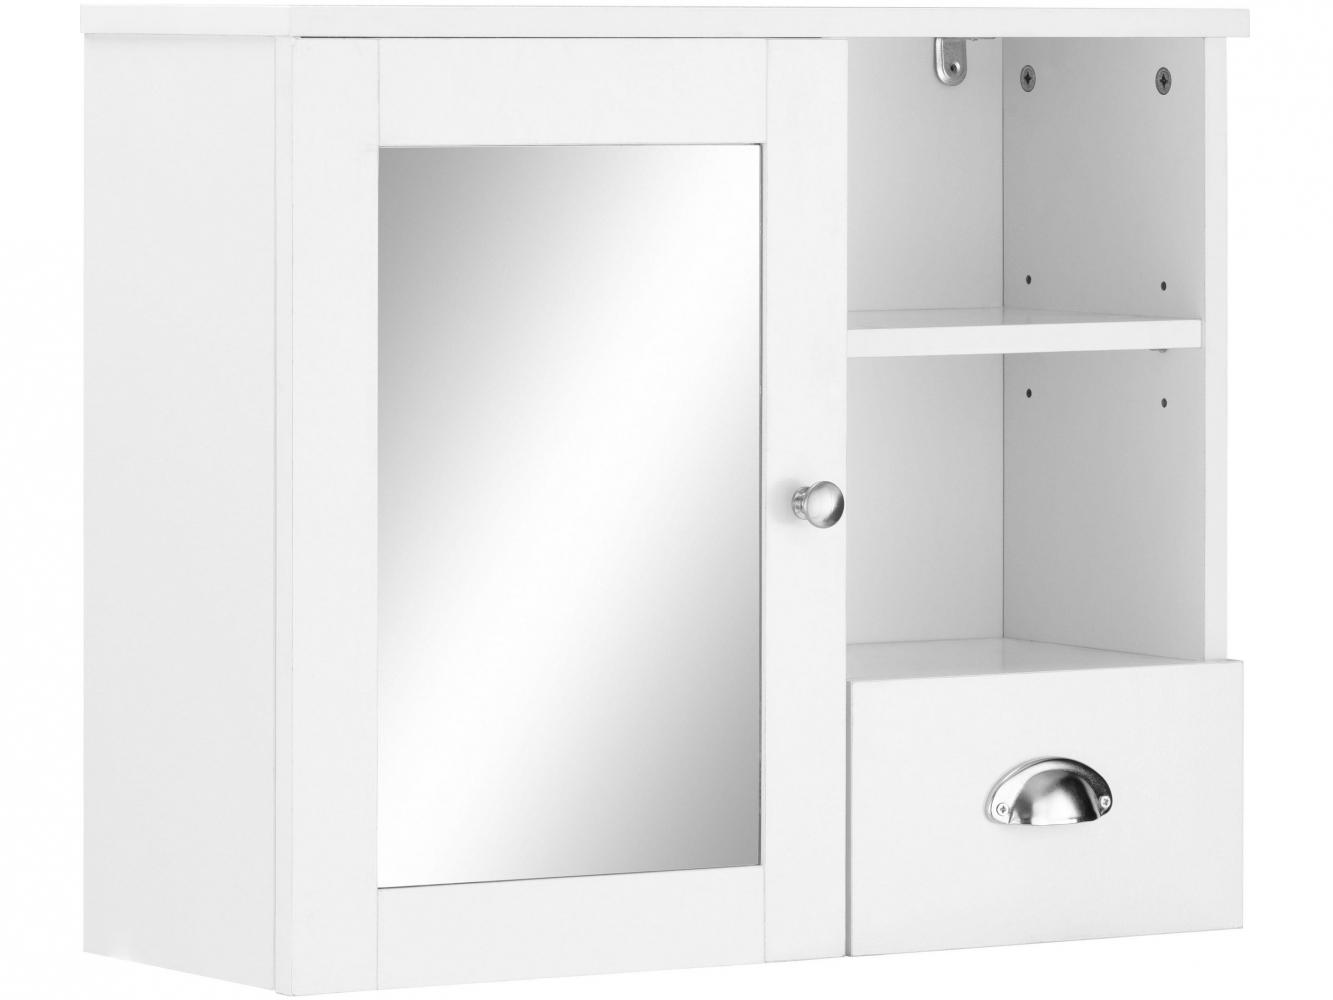 Nástěnná koupelnová skříňka Kiley, 65 cm, bílá